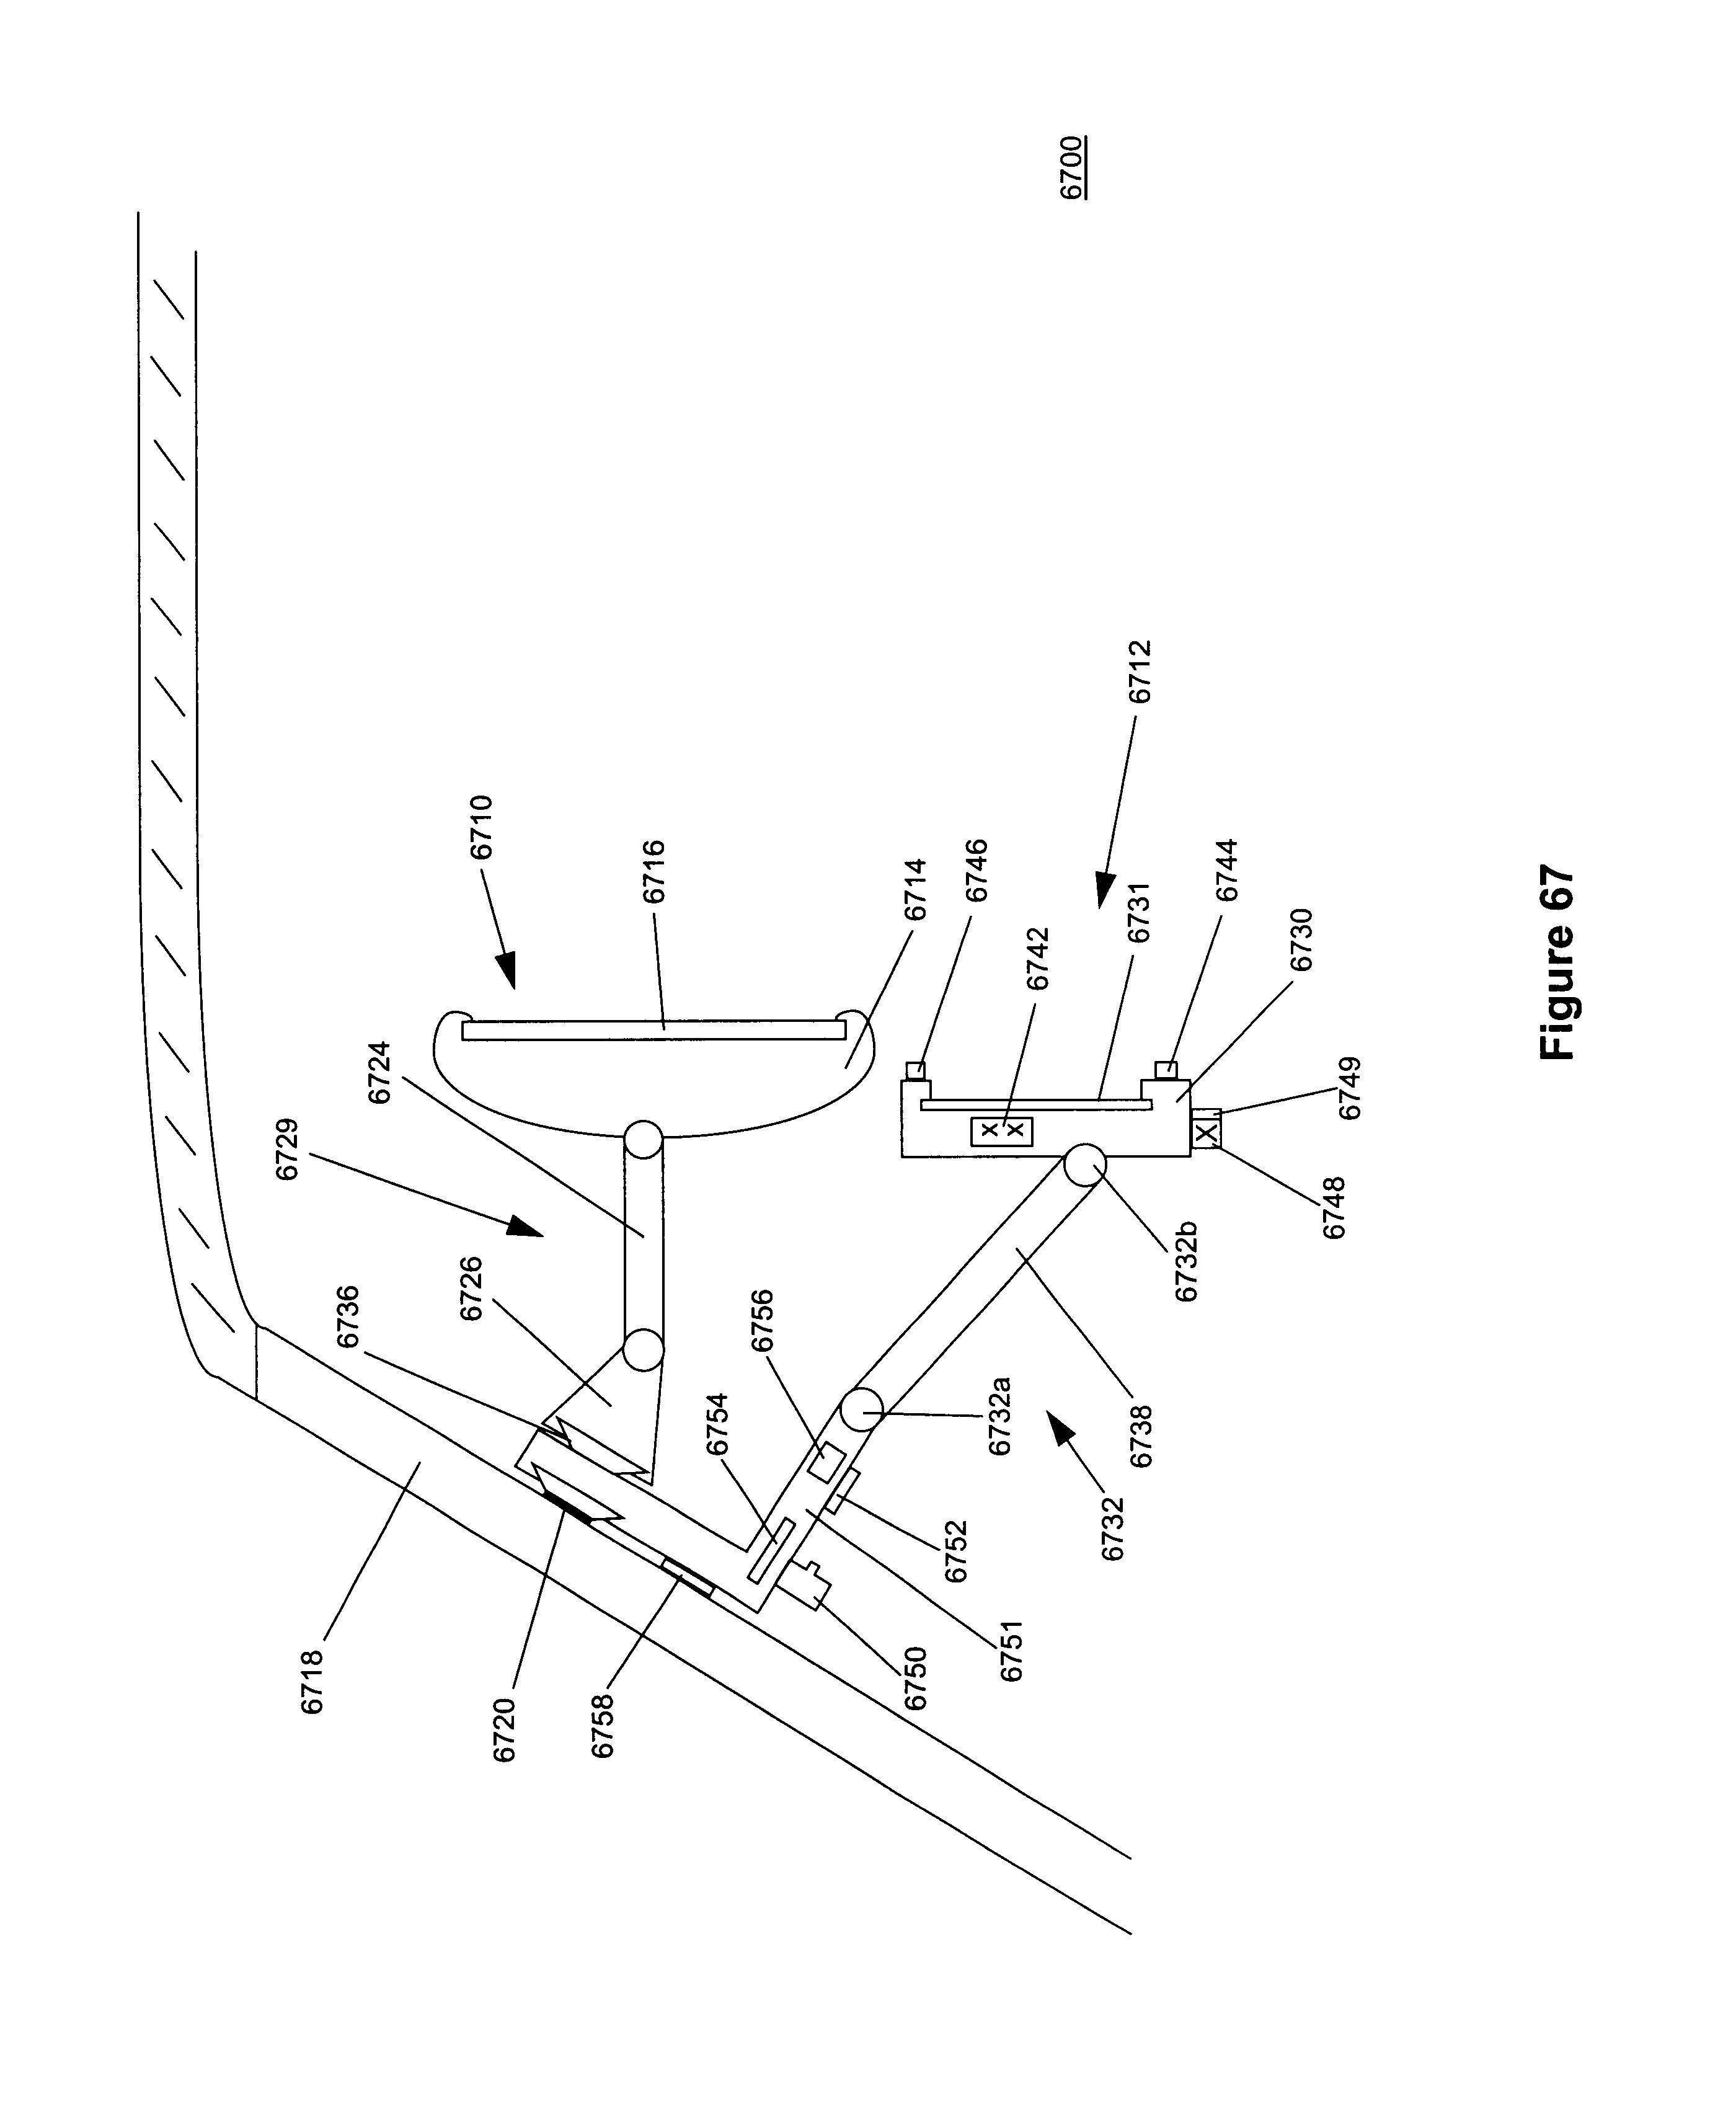 patent us 6,690,268 b2 on delco radio pin diagram, 2003 alero ignition  switch diagram, ac delco wiring